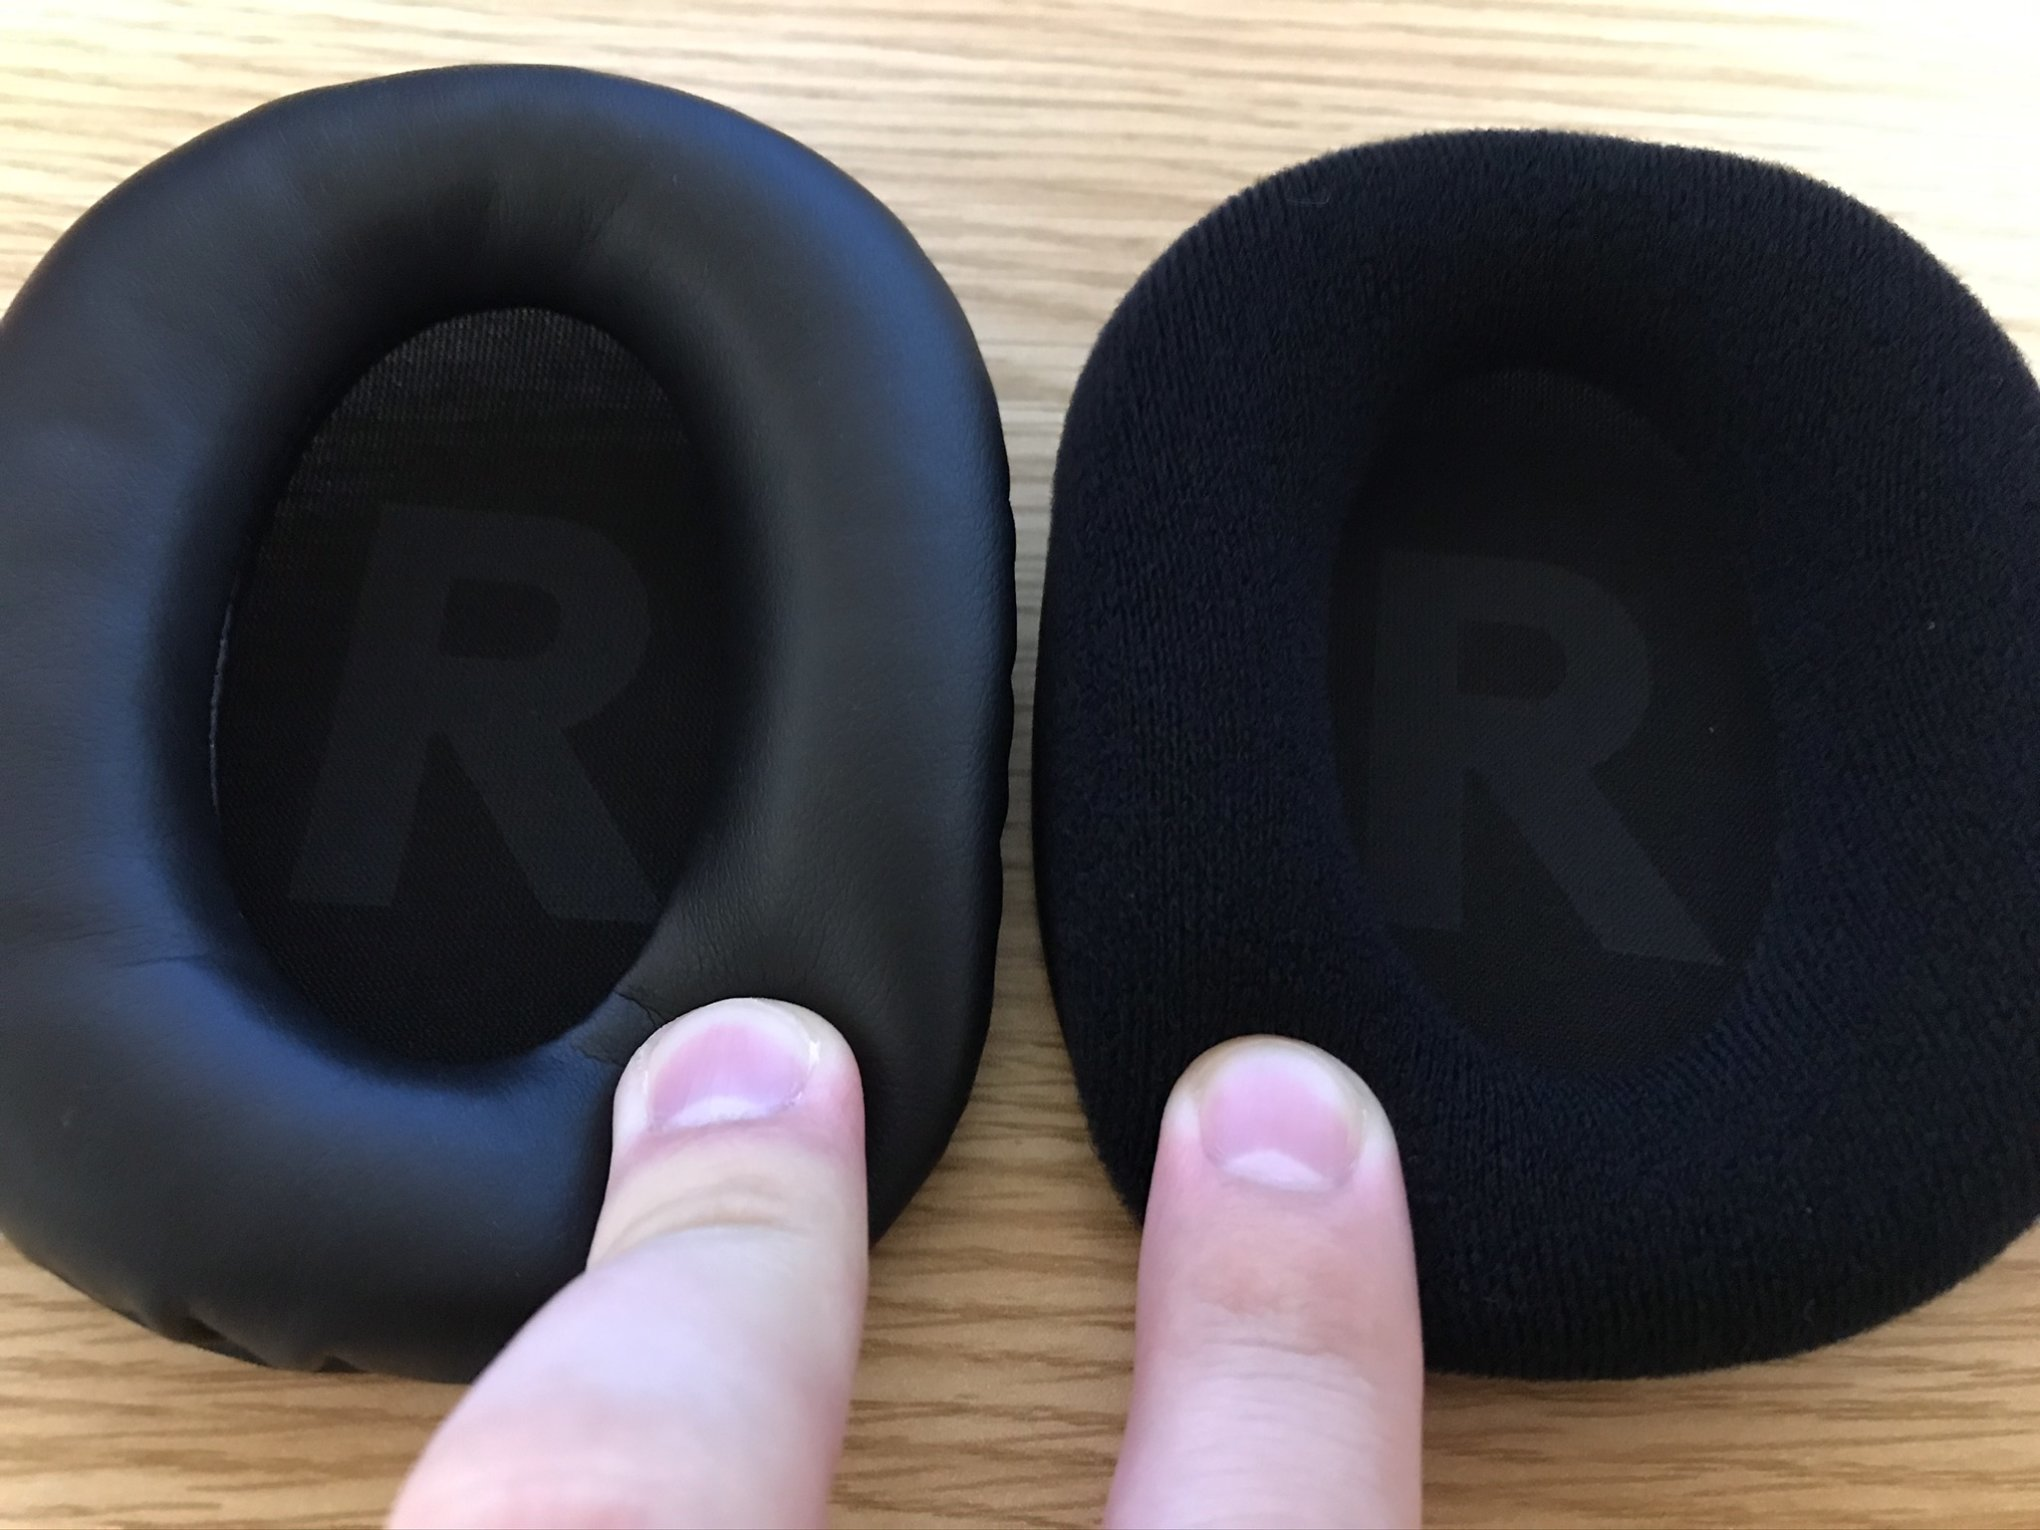 ロジクールG PRO X WIRELESS合成皮革とクロスイヤーパッド比較